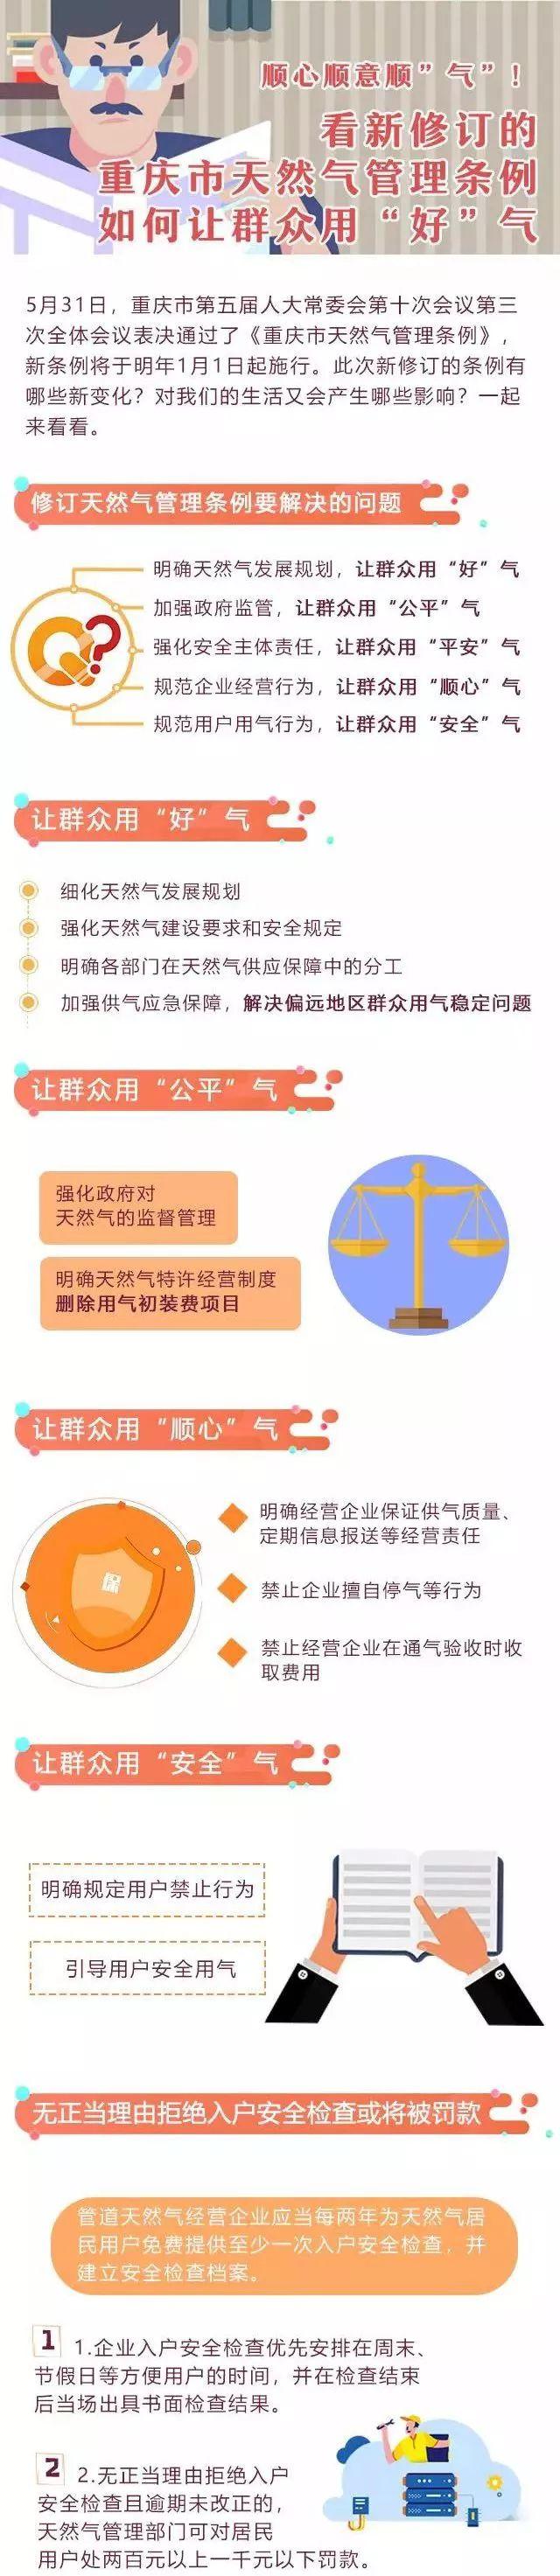 2020年起重庆不再征收用气初装费 通气验收不得收费